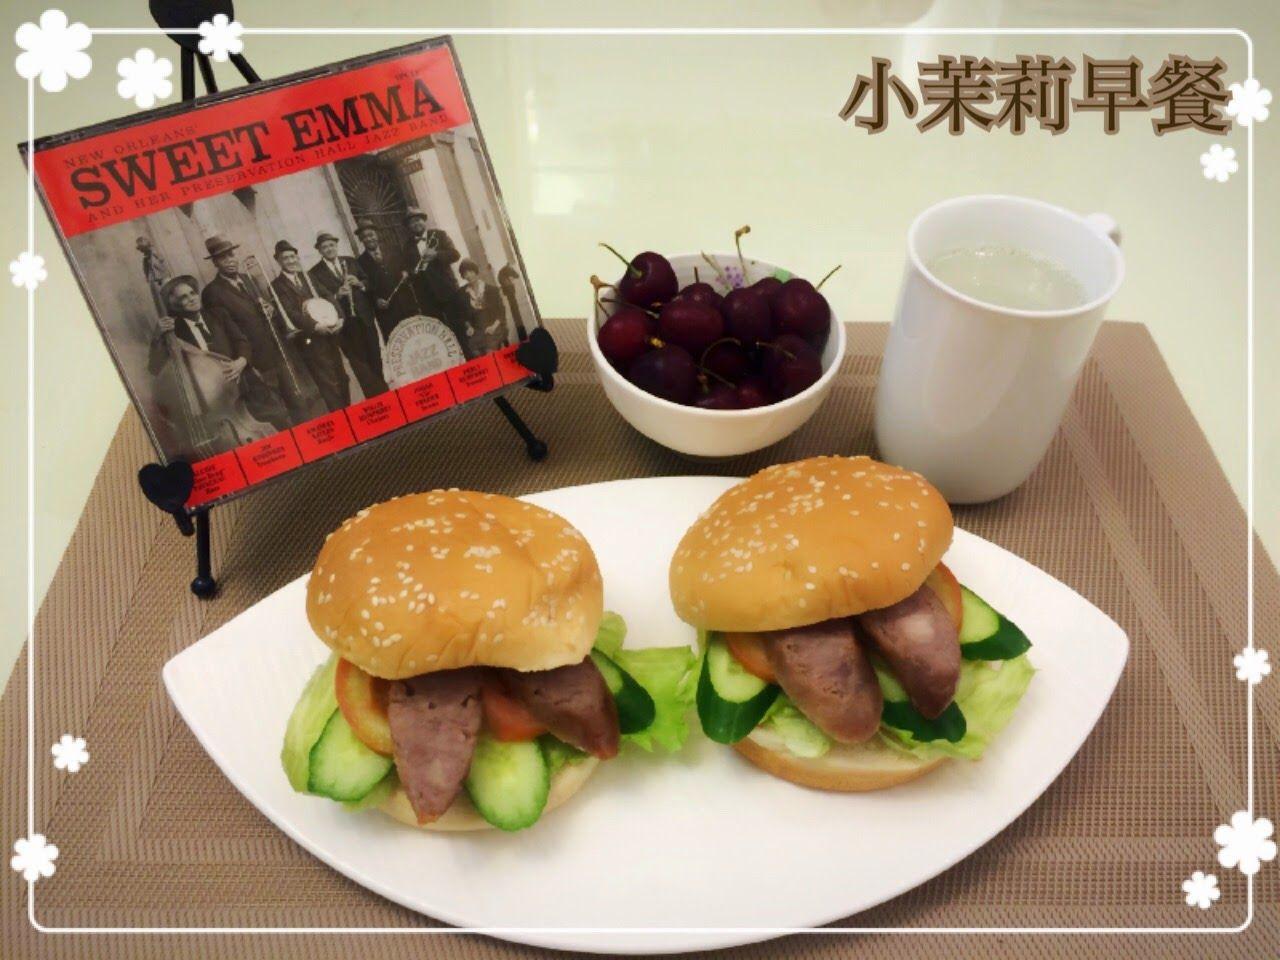 2014.12.29 台式香腸漢堡包、我愛你學田黑豆豆漿、櫻桃,佐Preservation Hall!